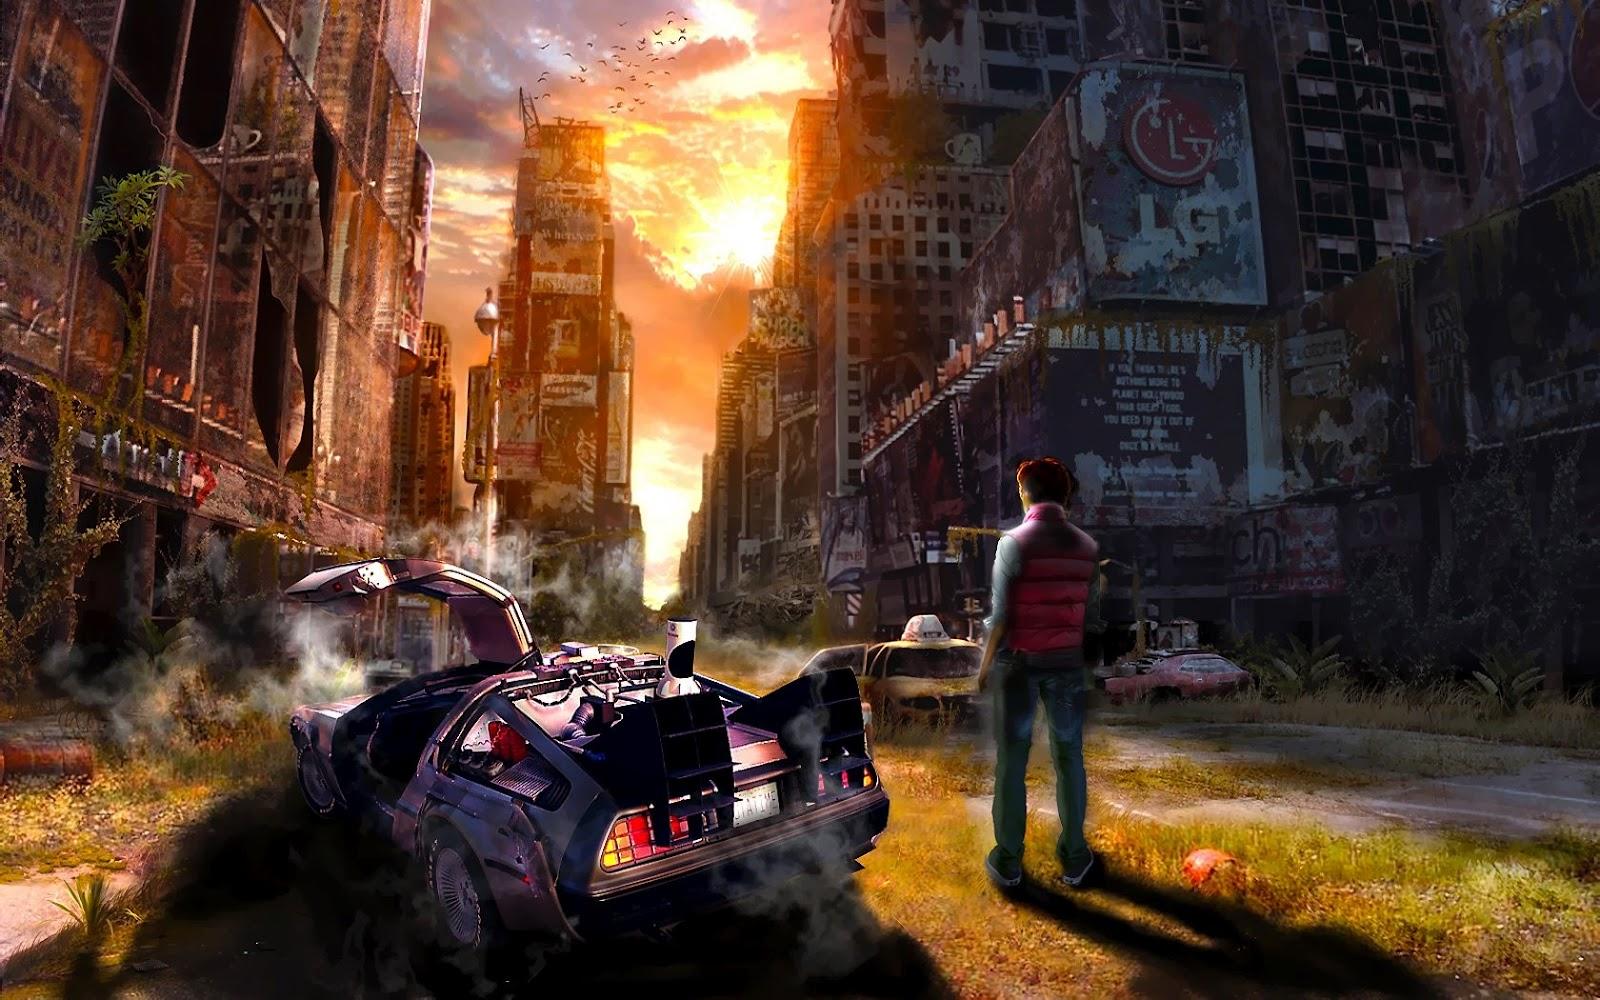 http://1.bp.blogspot.com/-sppObfXM2R0/T2A8UKqFsGI/AAAAAAAABJU/bp4cIvPF-3Y/s1600/future.jpg